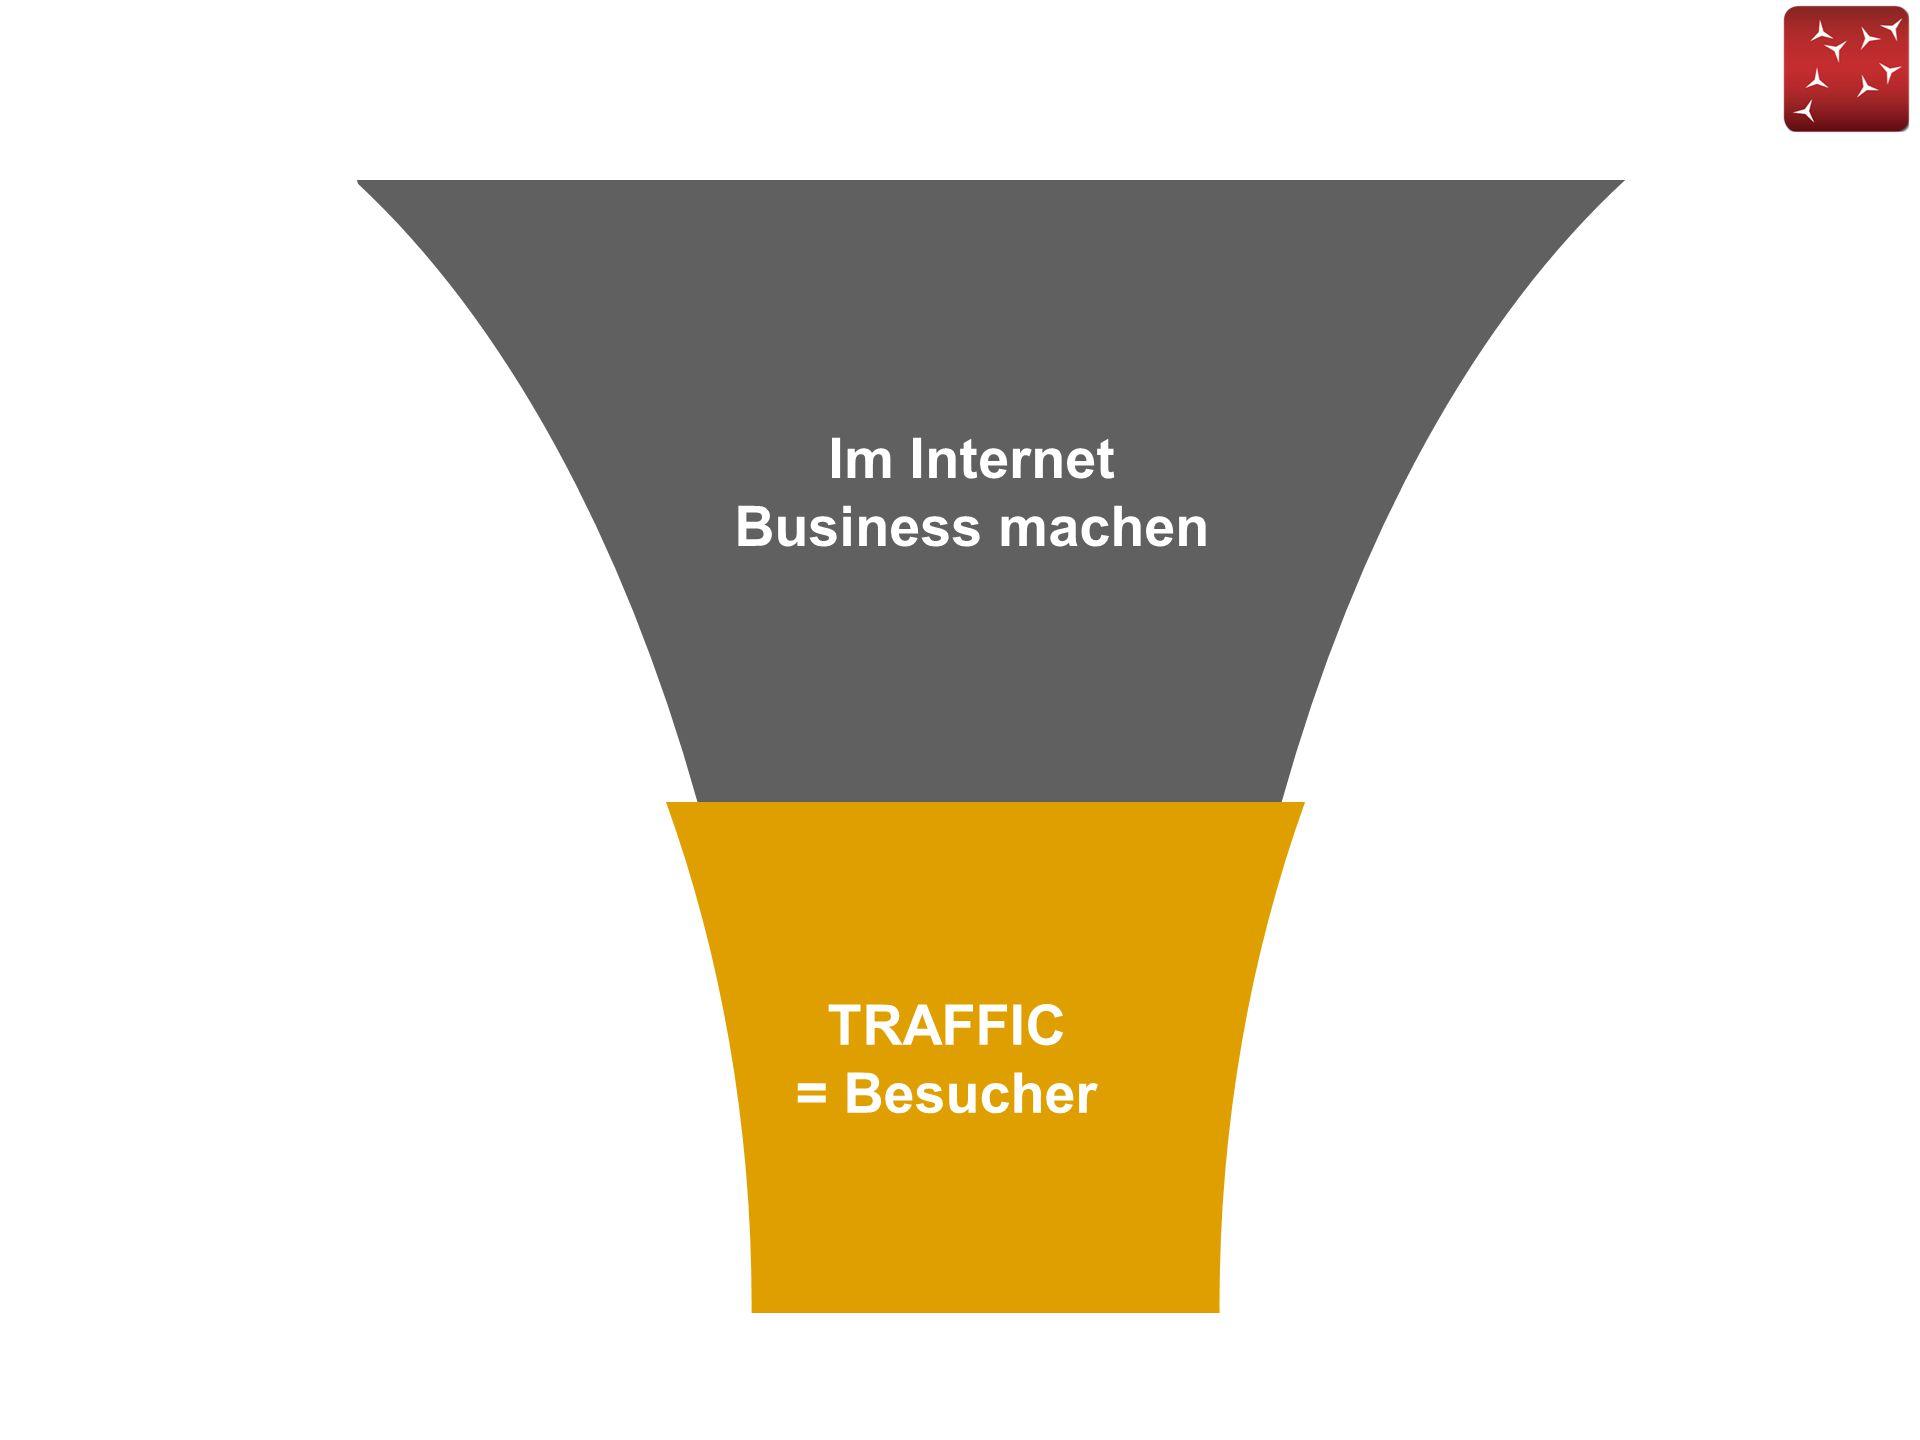 Im Internet Business machen TRAFFIC = Besucher